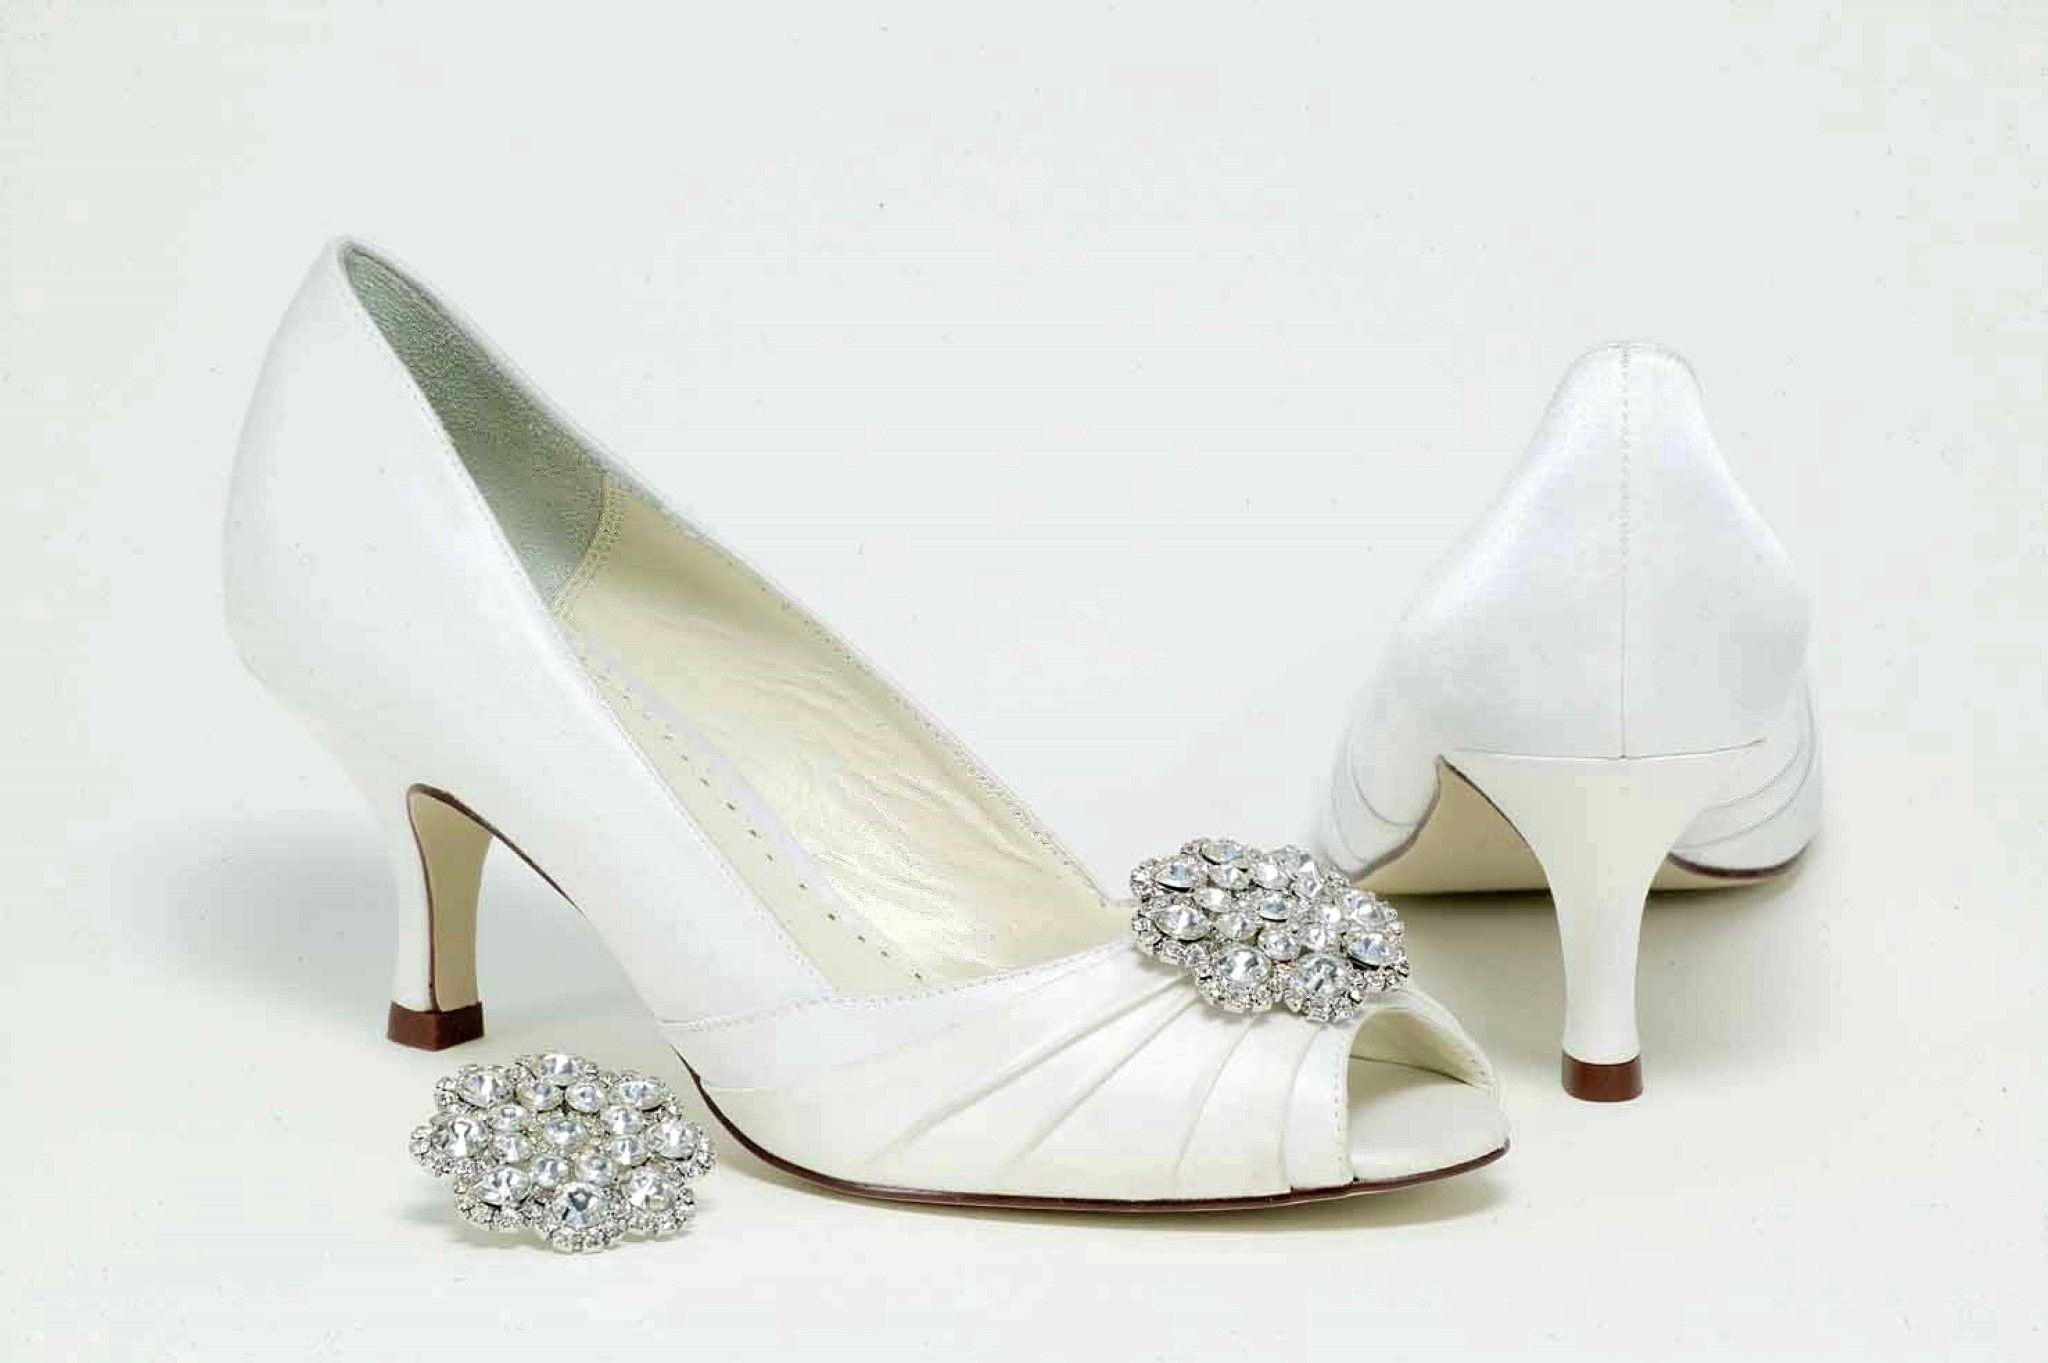 Shoe ornament clips - Shoe Ornament Clips 31